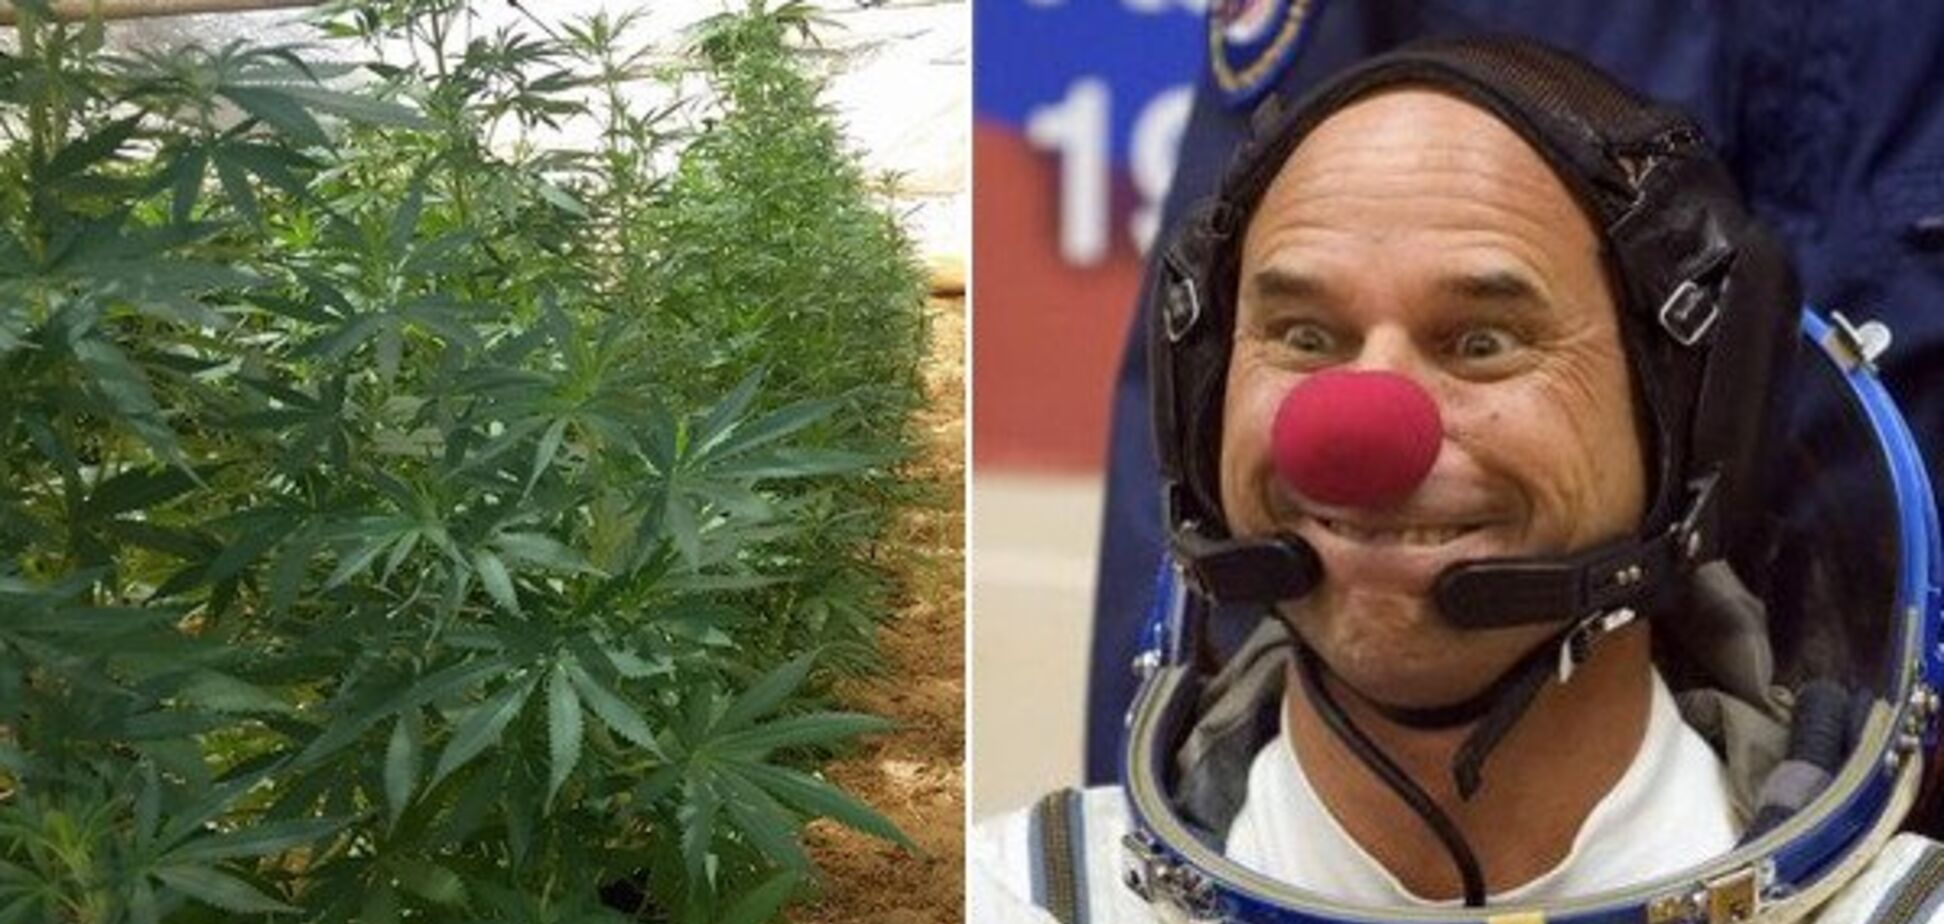 Ги Лалиберте обвиняют в выращивании марихуаны